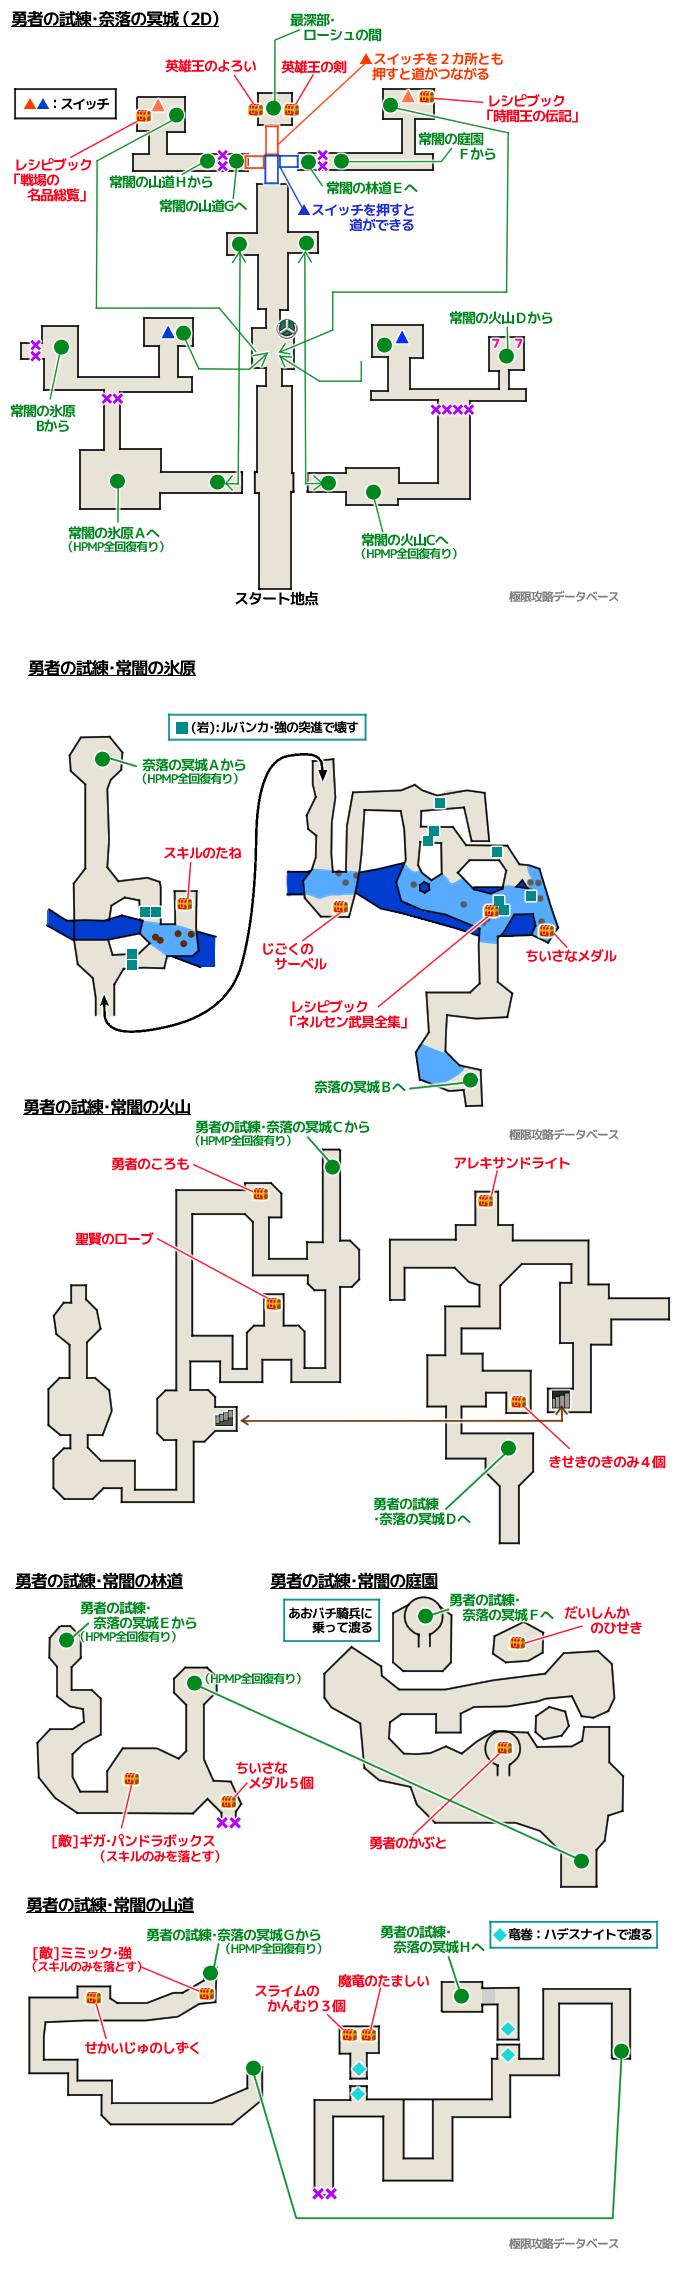 マップ ドラクエ 2